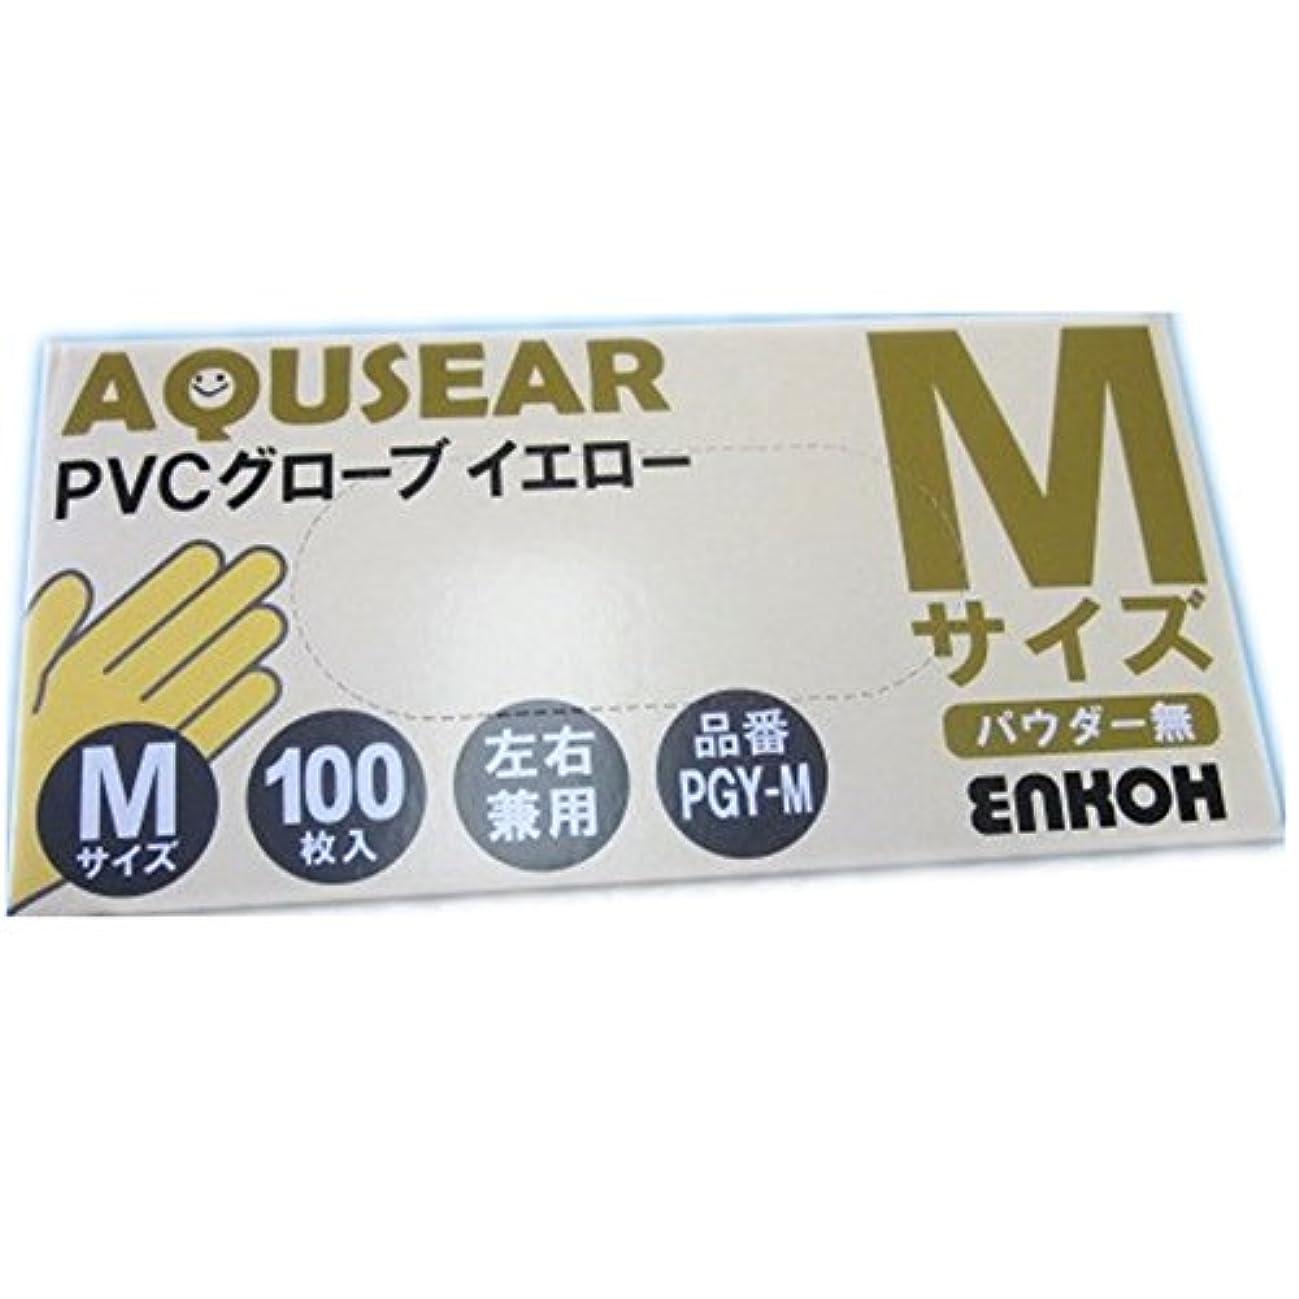 安定雹導出AQUSEAR PVC プラスチックグローブ イエロー 弾性 Mサイズ パウダー無 PGY-M 100枚×20箱